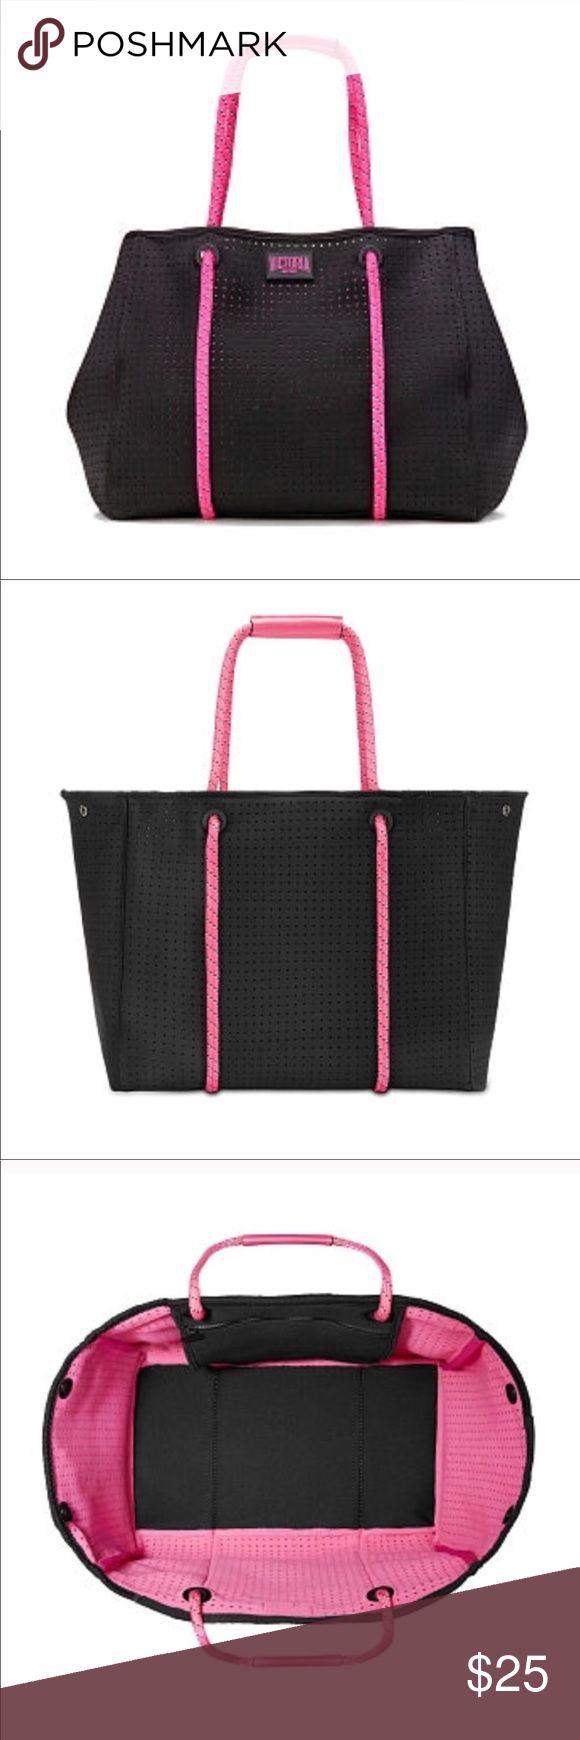 VS Sport Neoprene Tote Victoria's Secret Neoprene Sport Tote Bag Victoria's Secret Bags Totes